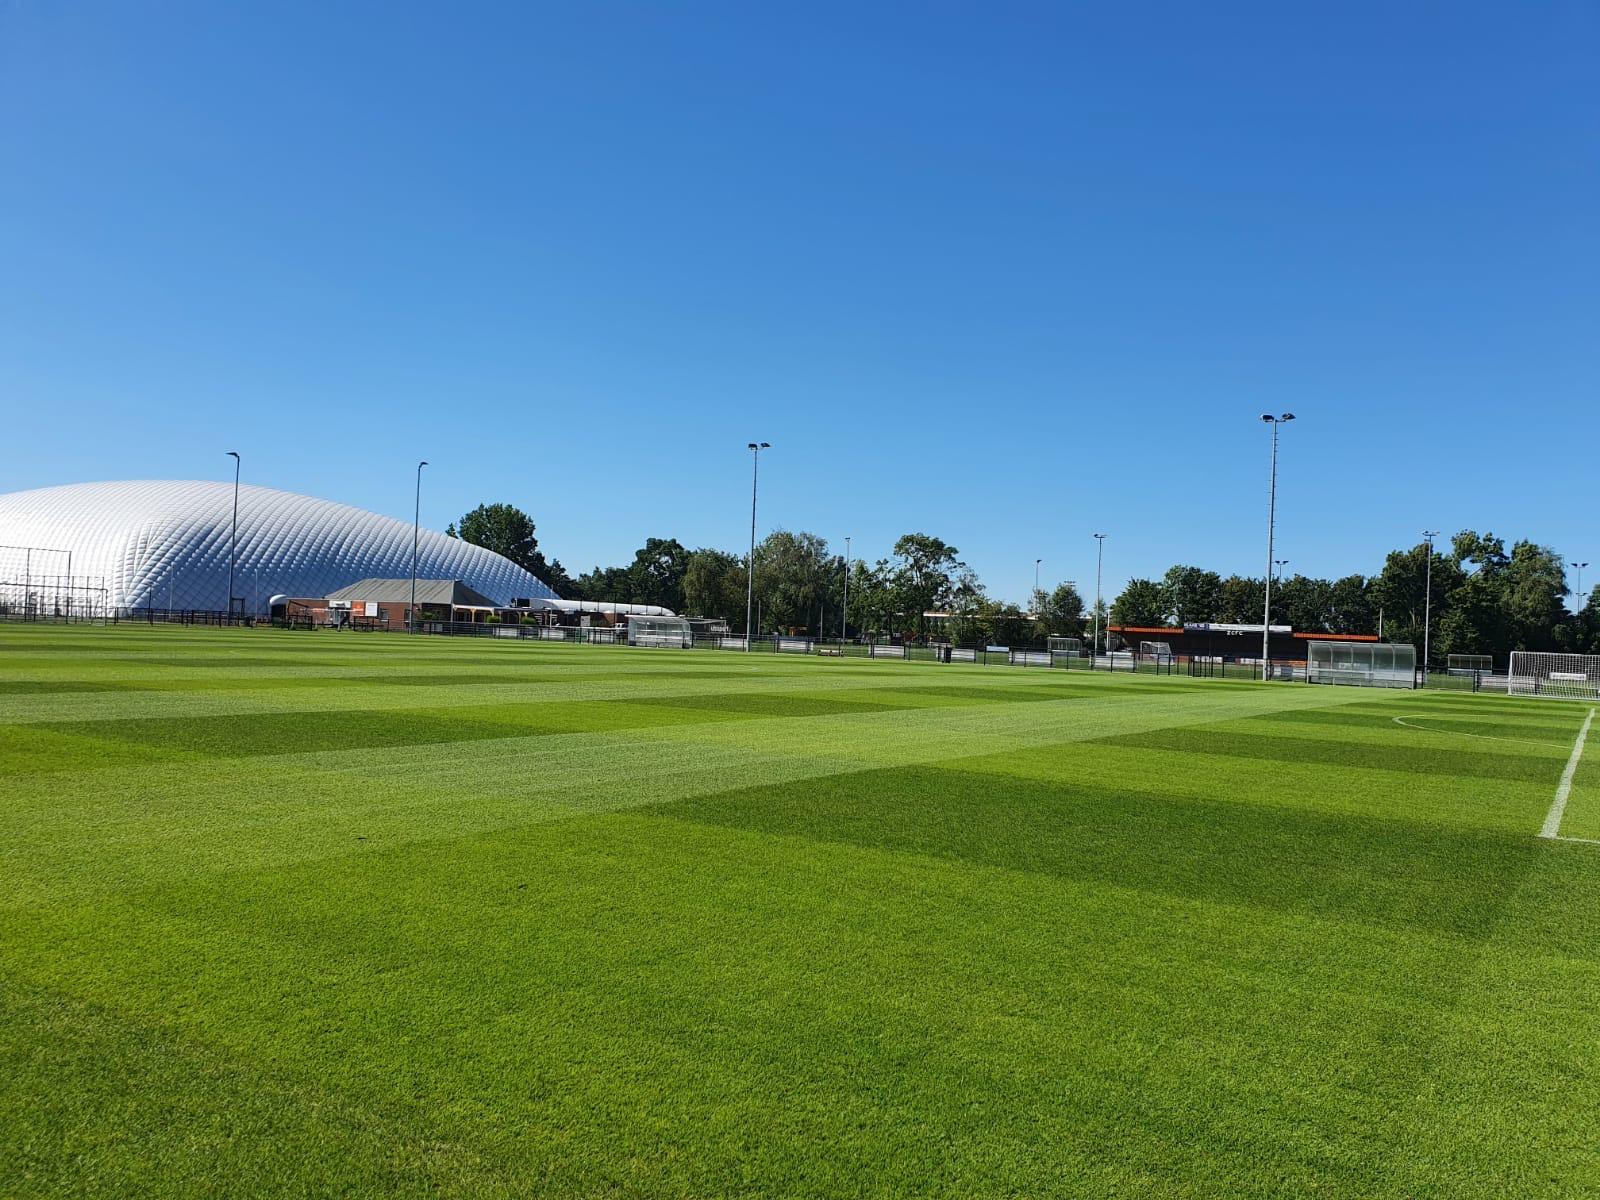 Wat is er hard gewerkt en wat liggen de velden er mooi bij (dank aan groundsman Wouter en team!!)